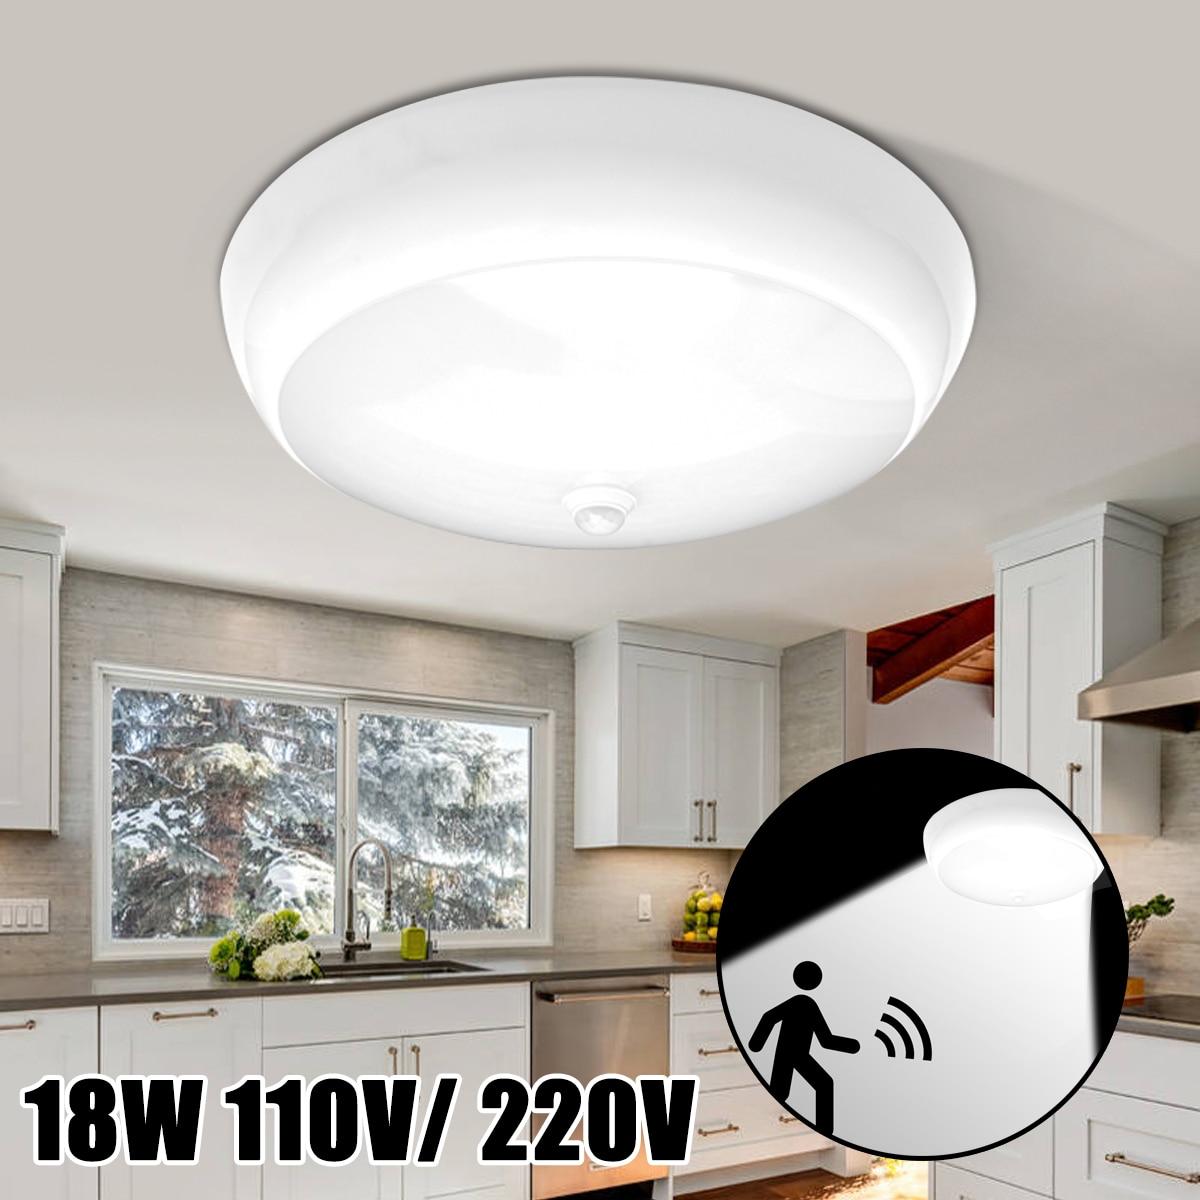 18W PIR Motion Sensor LED Ceiling Lights Modern Flush Mount Ceiling Lamp Living Room Lighting Fixture Bedroom Kitchen Decor цена 2017